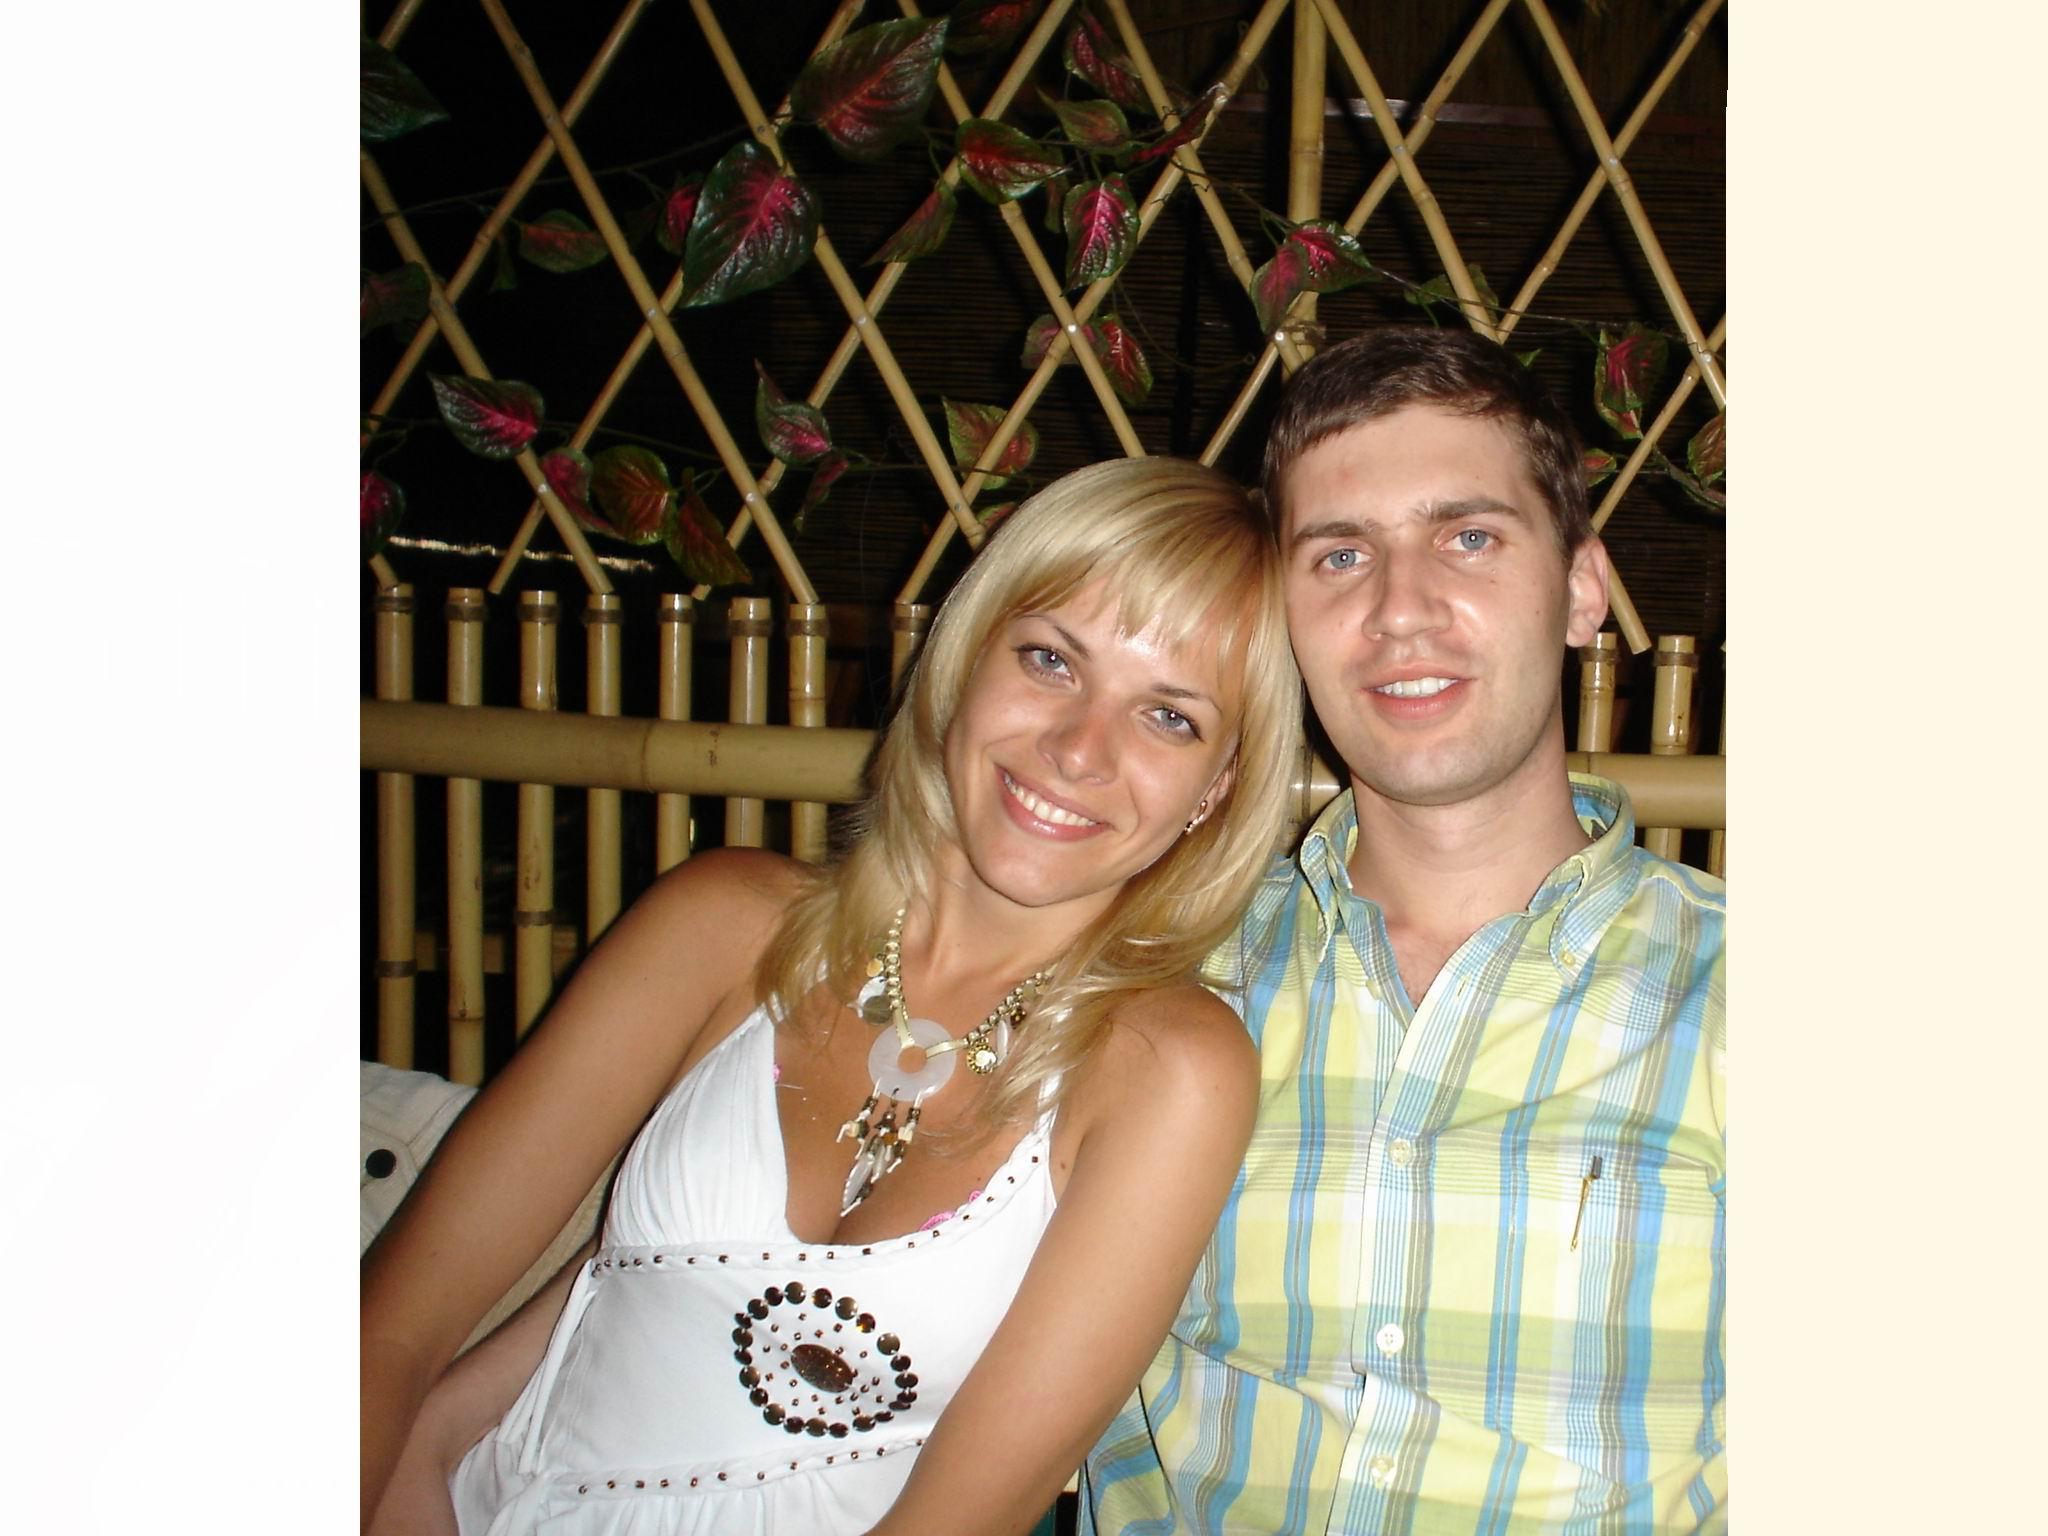 Децл и его жена и ребенок фото